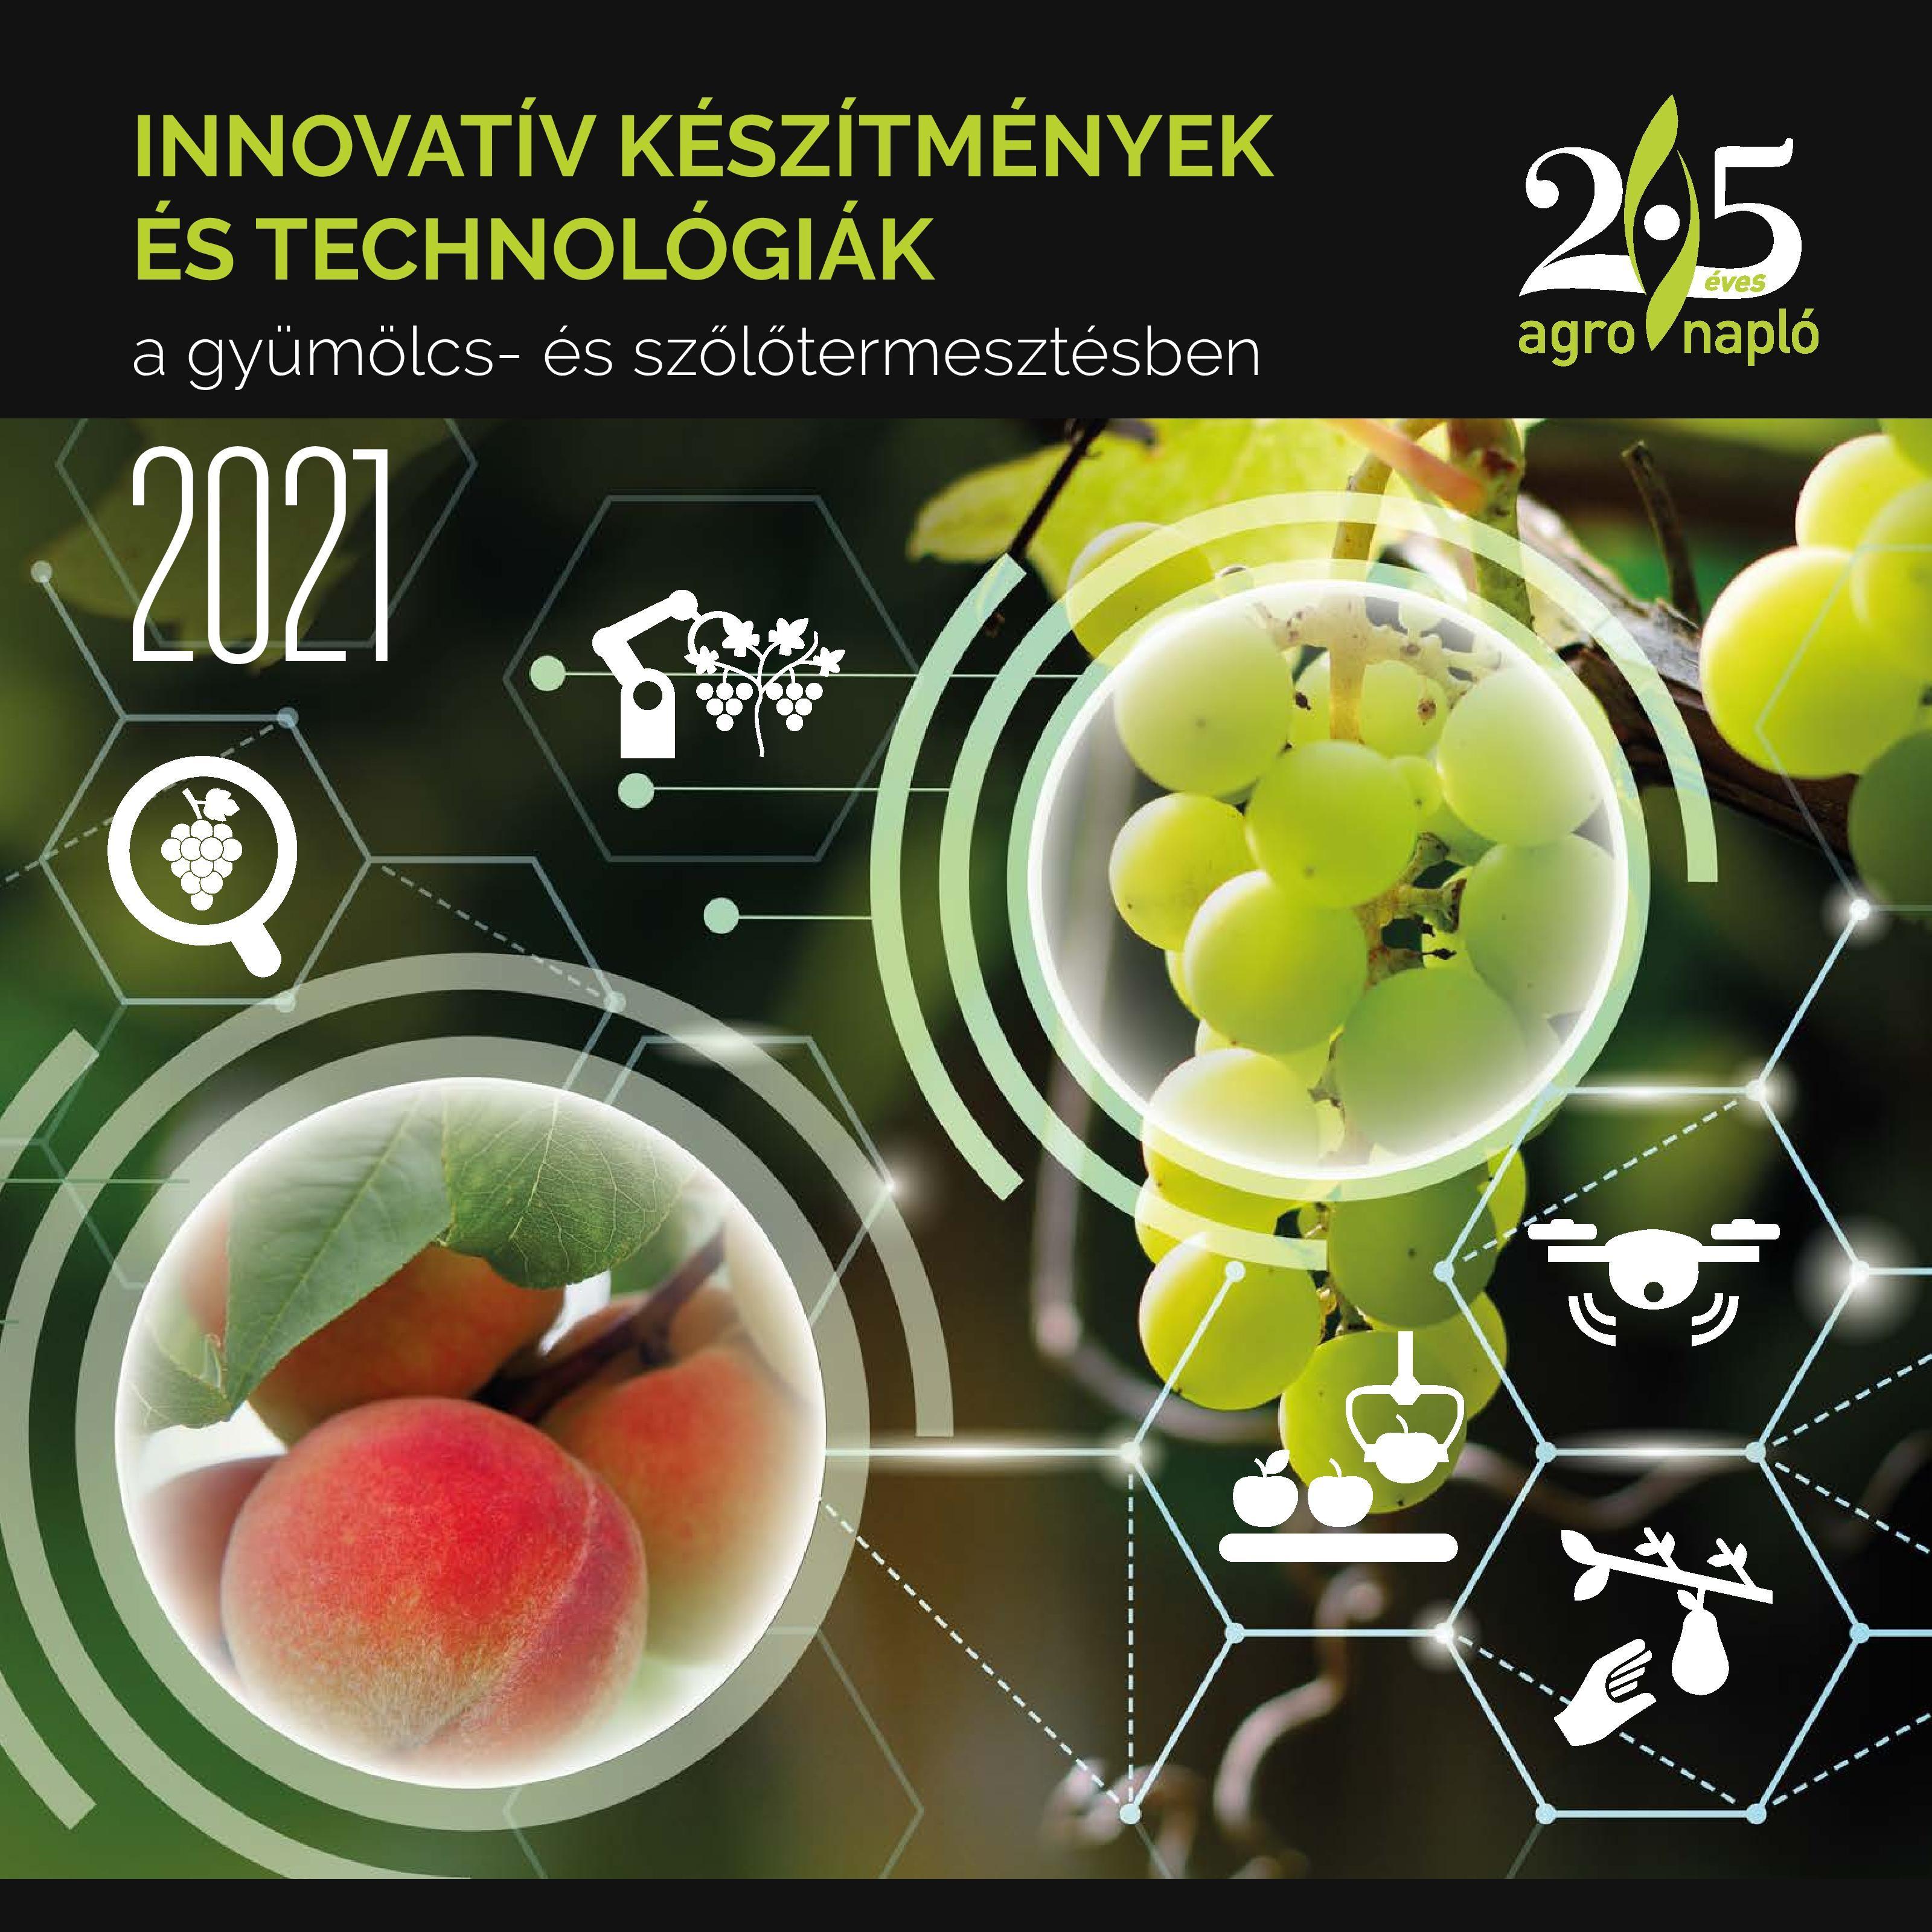 Megjelent az AGRO NAPLÓ Innovatív készítmények és technológiák a gyümölcs- és szőlőtermesztésben című kiadványa